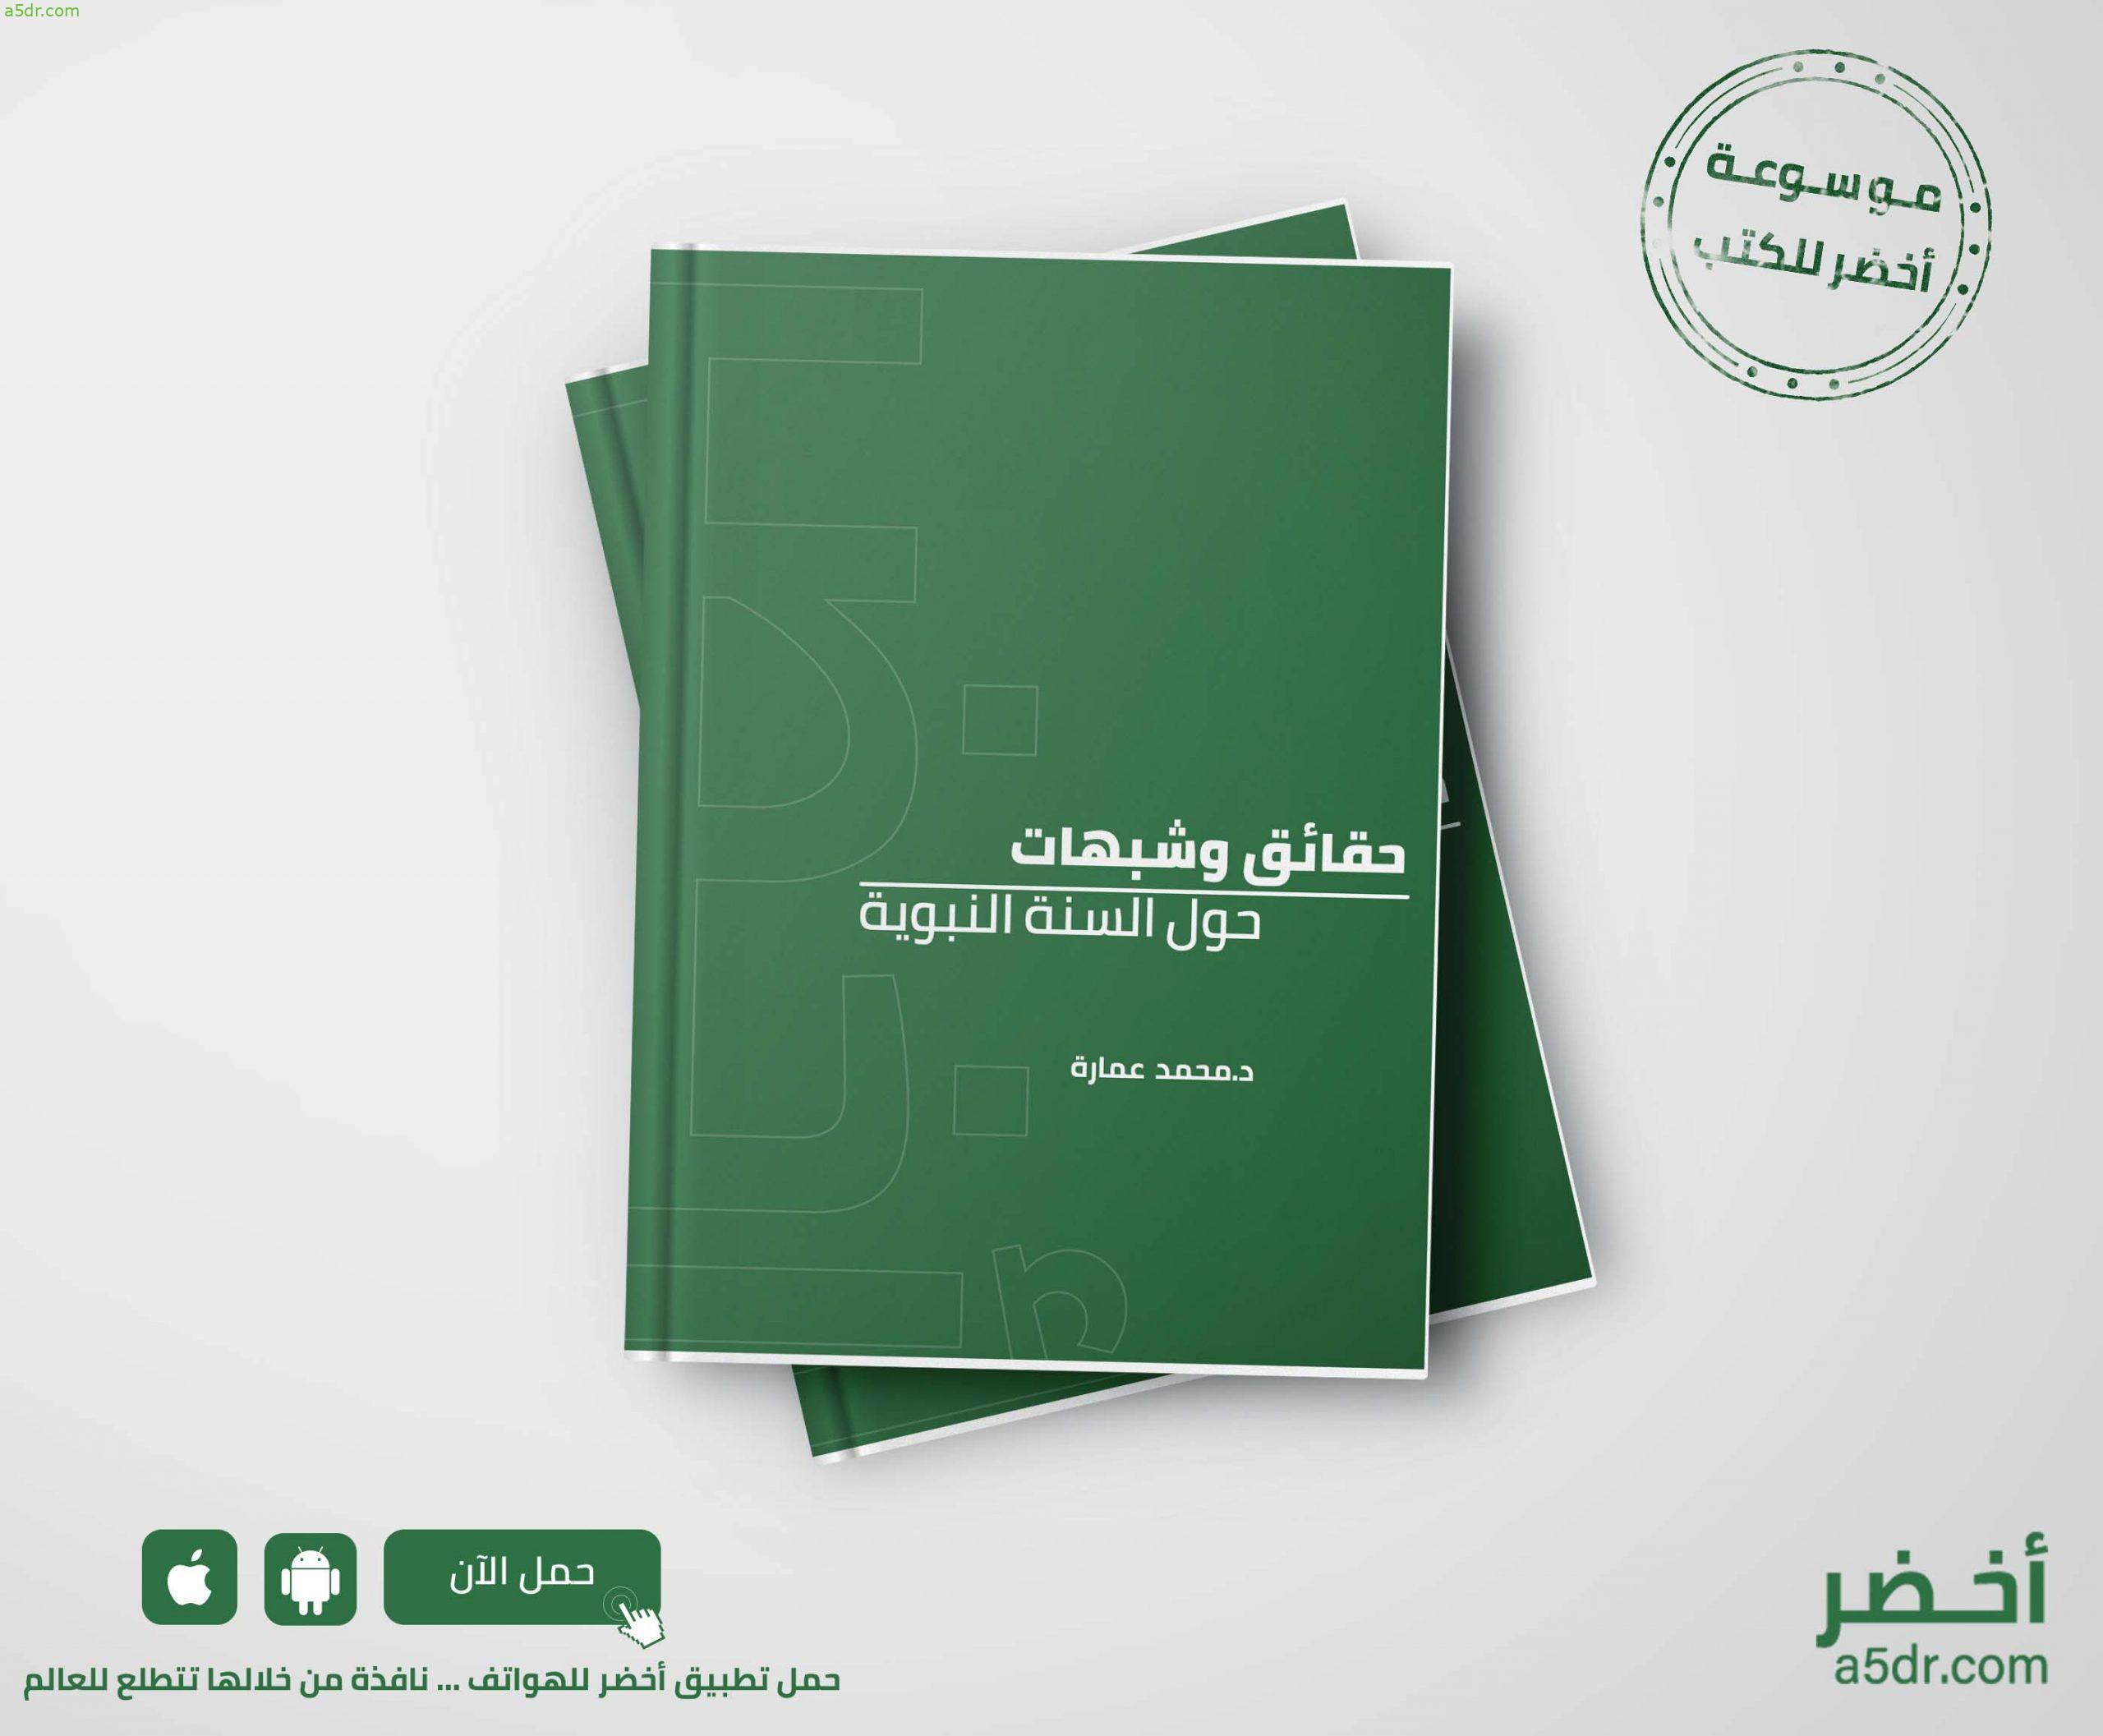 كتاب حقائق وشبهات حول السنة النبوية - محمد عمارة